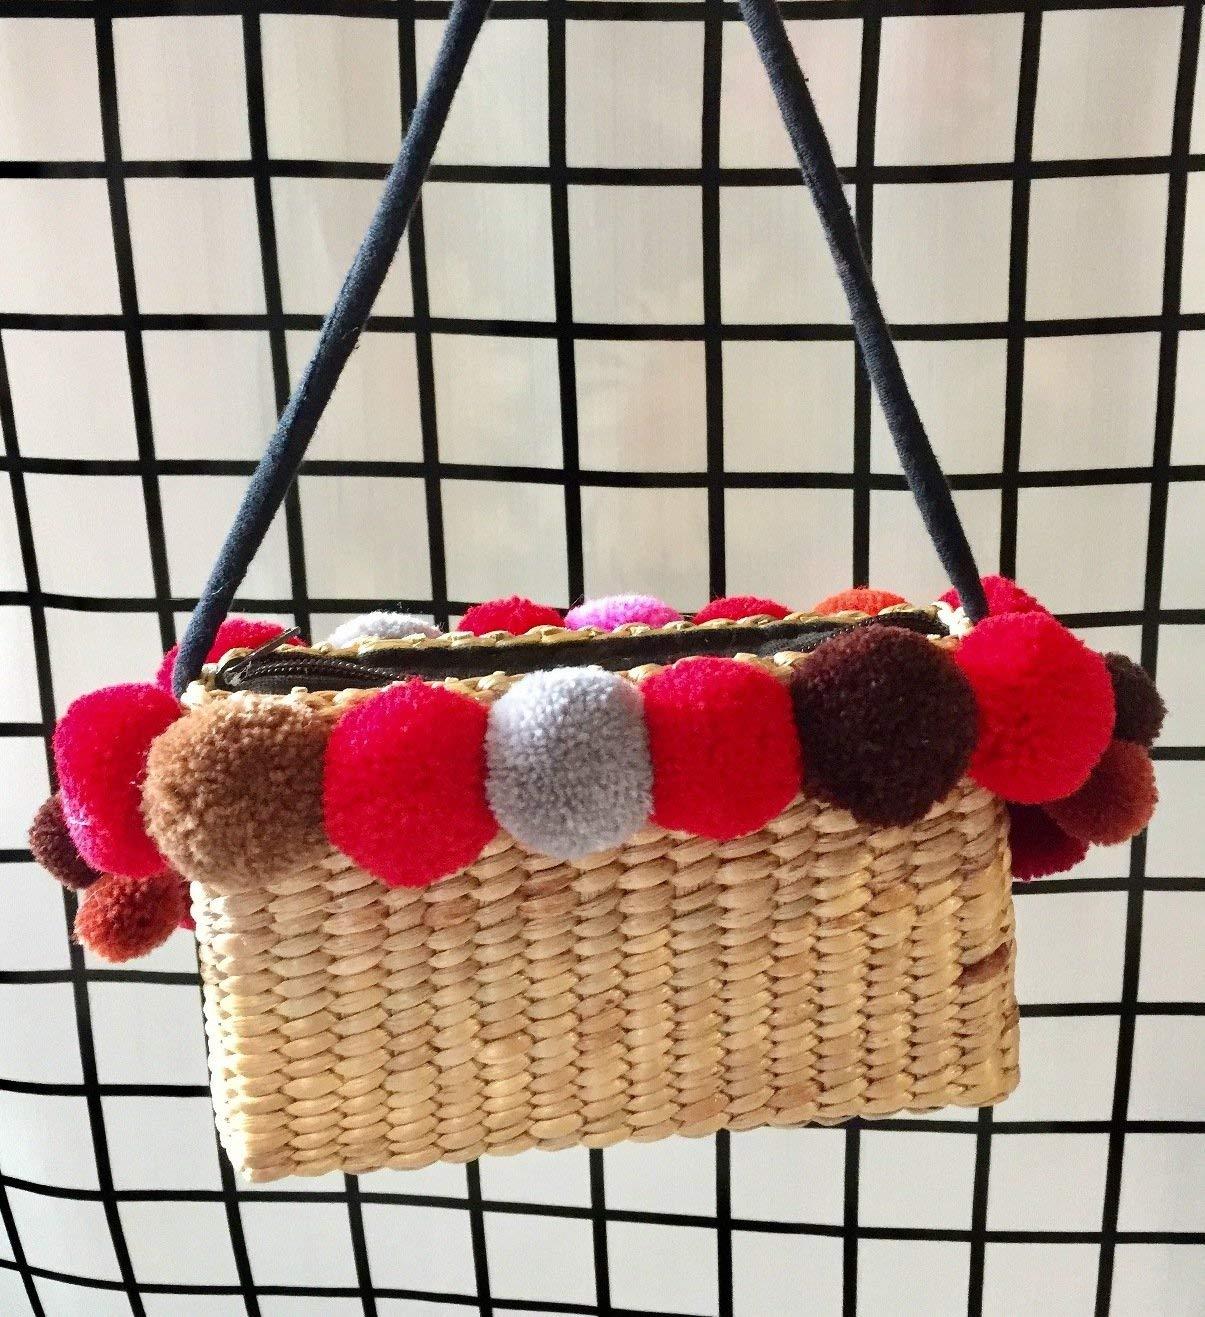 Mini Pom Pom Straw Crossbody,Handwoven Straw Bag,Pom Pom Straw Bag,CrossBody Straw Bag,Pom Pom Bag,Mini Straw Bag,Straw Tote Bag,Mini Straw Purse,Straw Beach Bag,Straw Tote